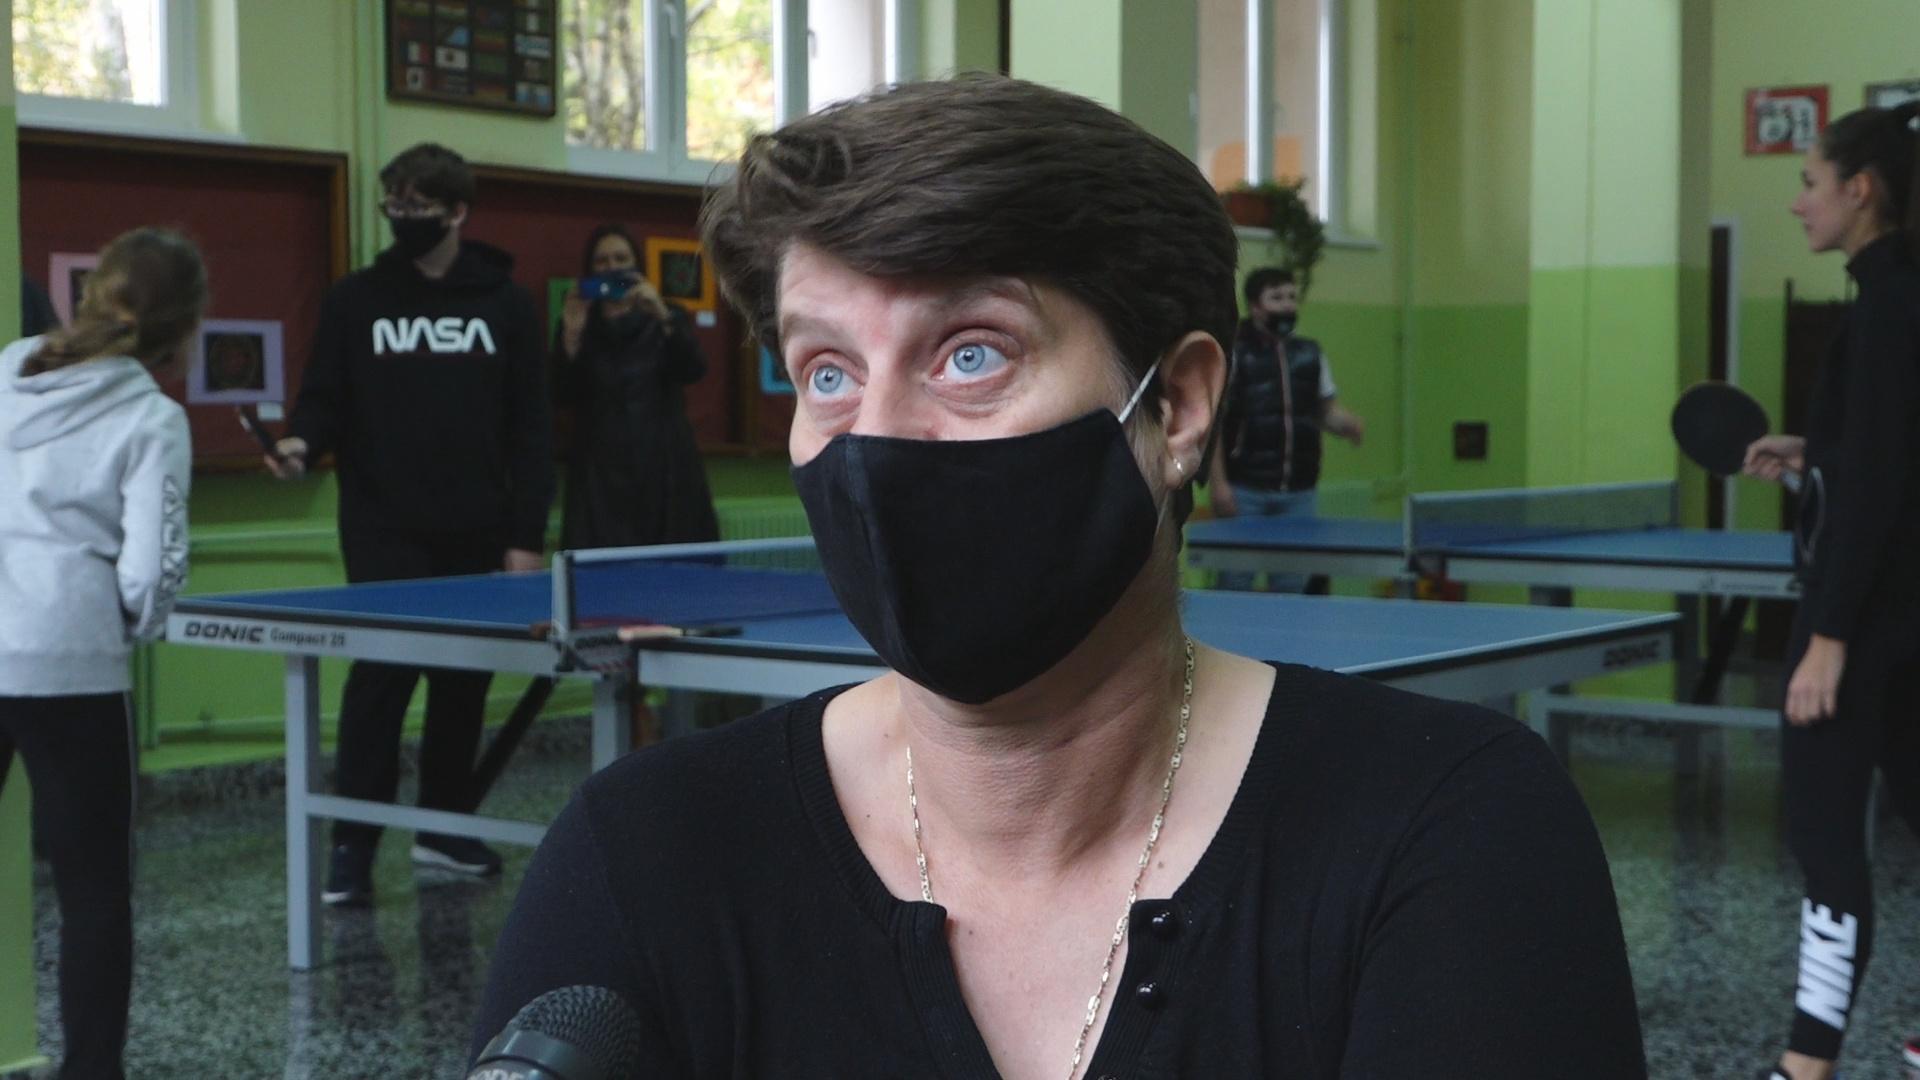 Čuvena sportistkinja podržava akciju škole